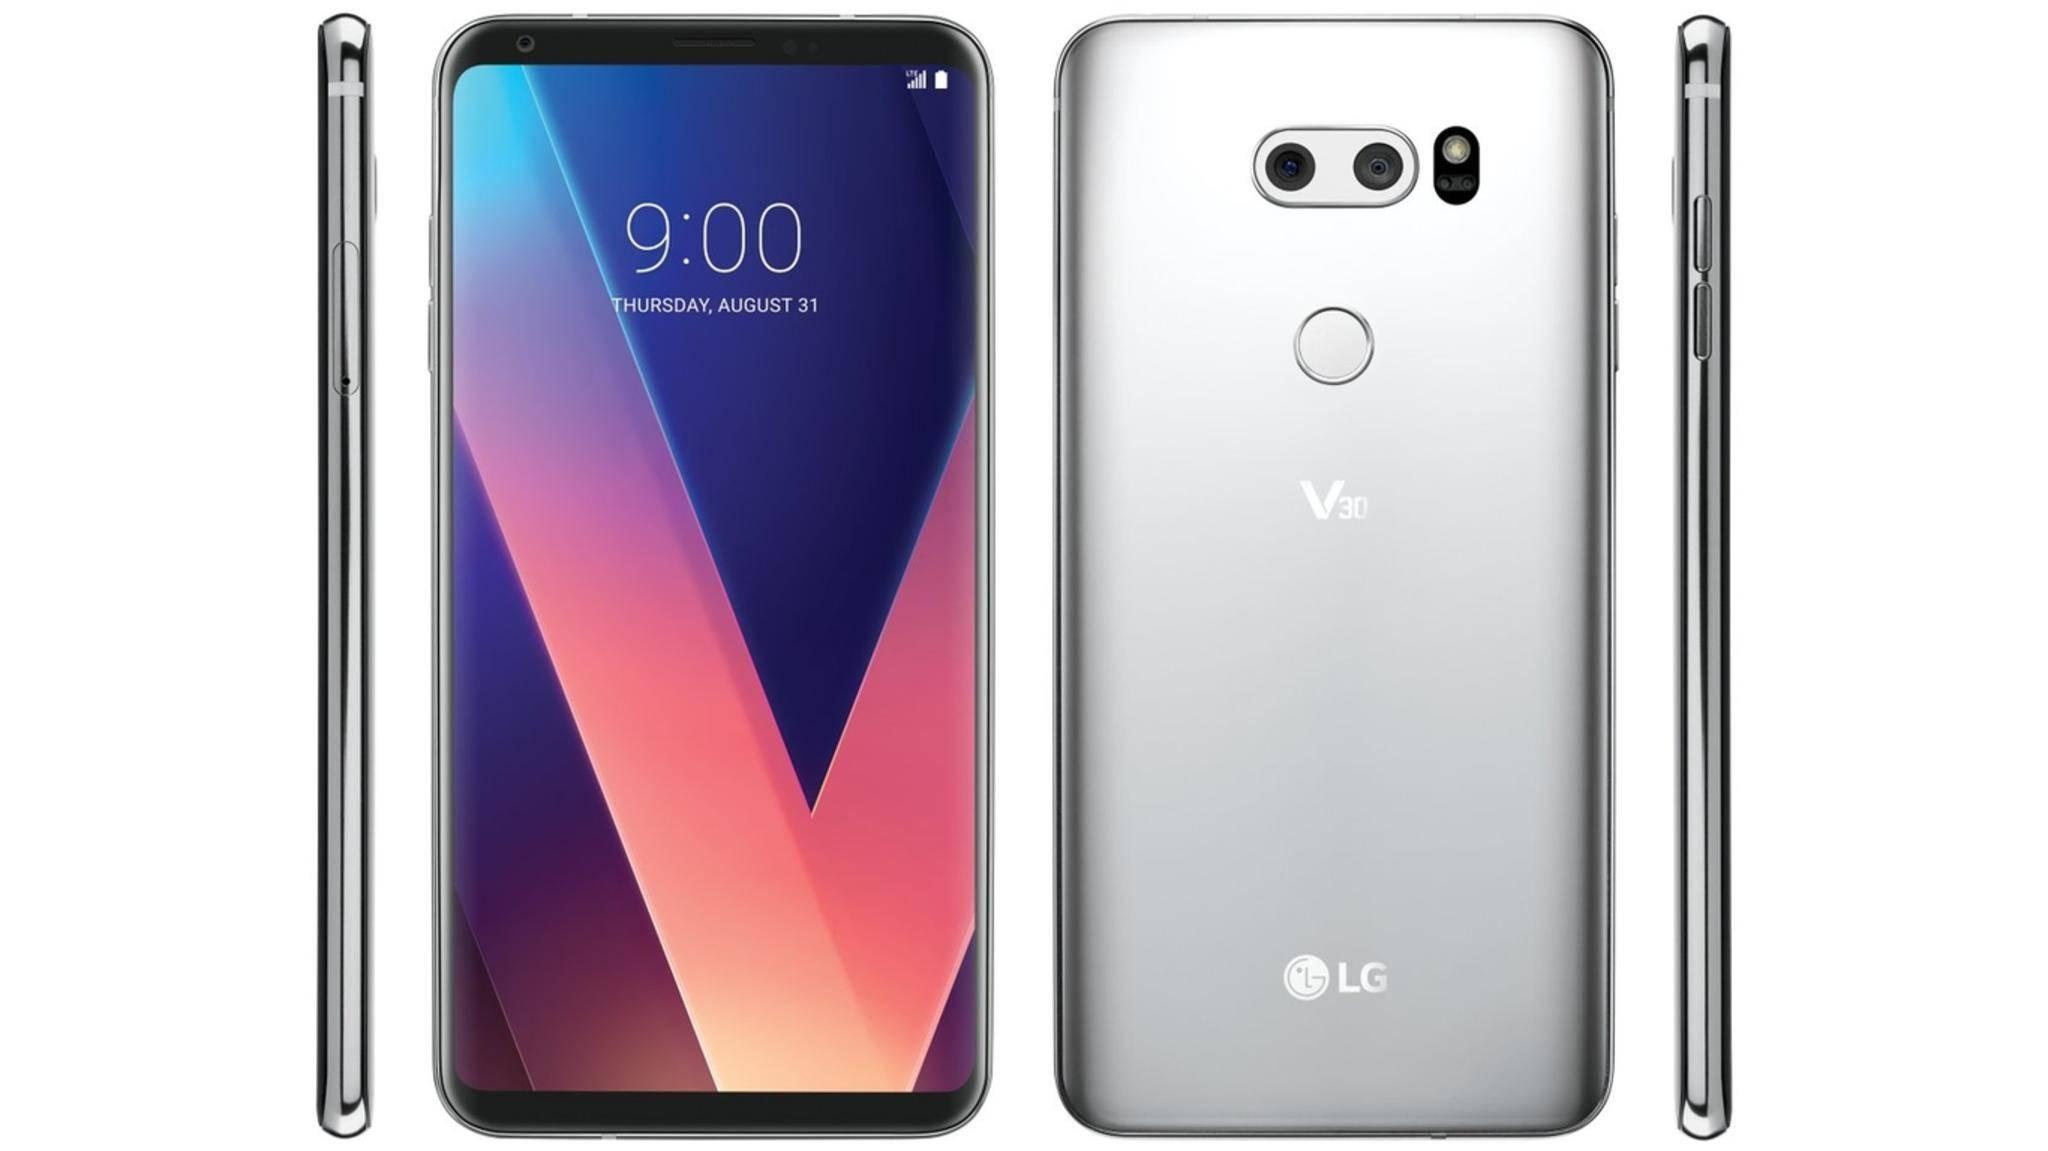 Das LG V30 hat einen noch dünneren Displayrahmen als das LG G6.